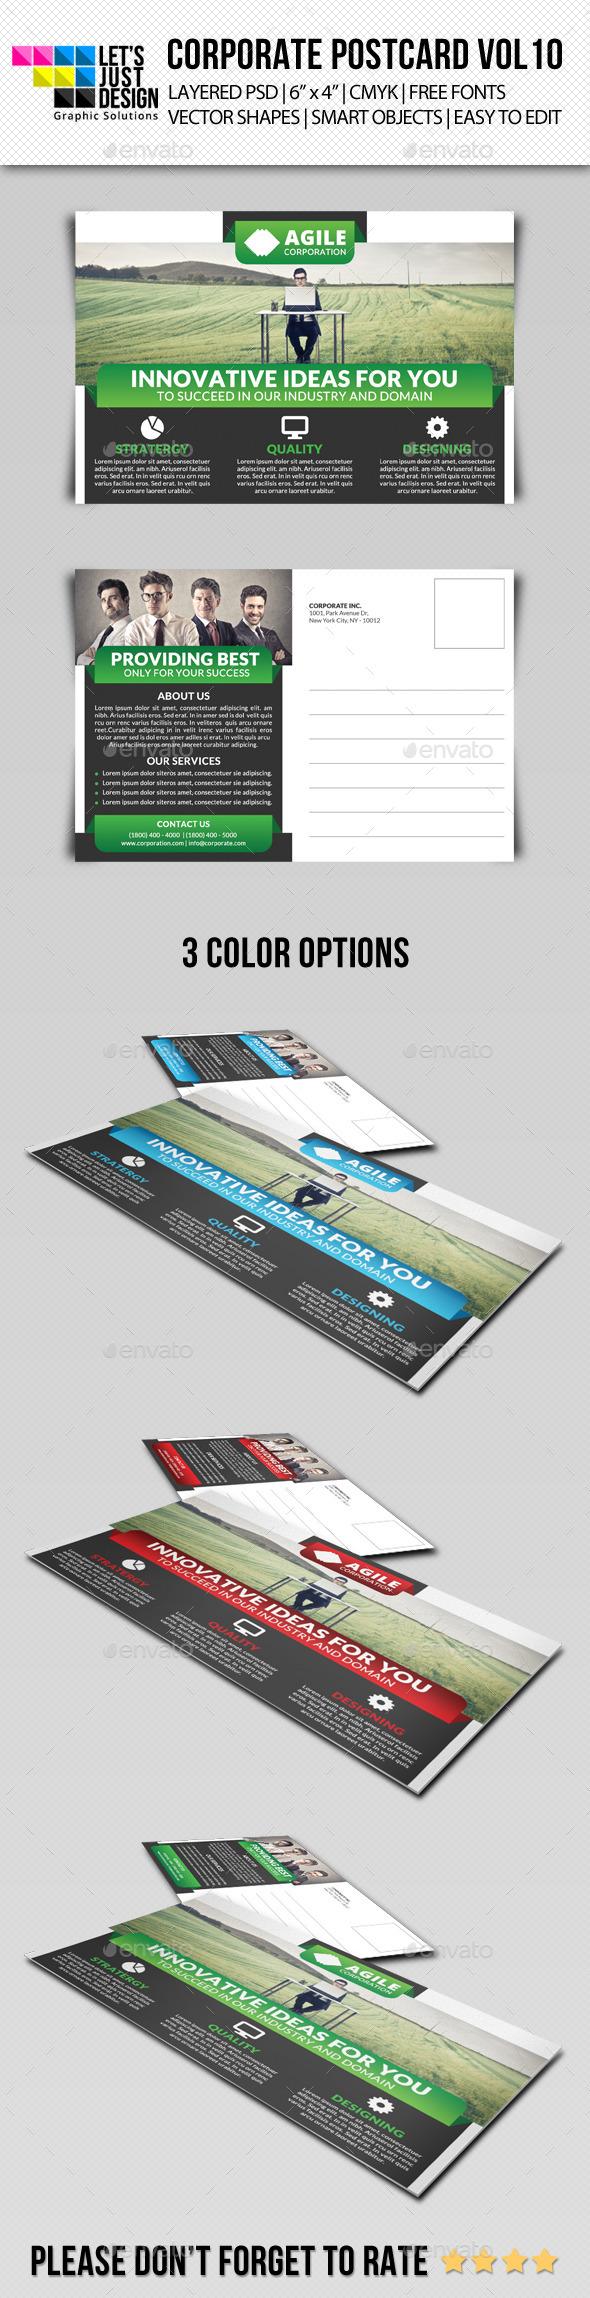 GraphicRiver Corporate Postcard Template Vol 10 10827929